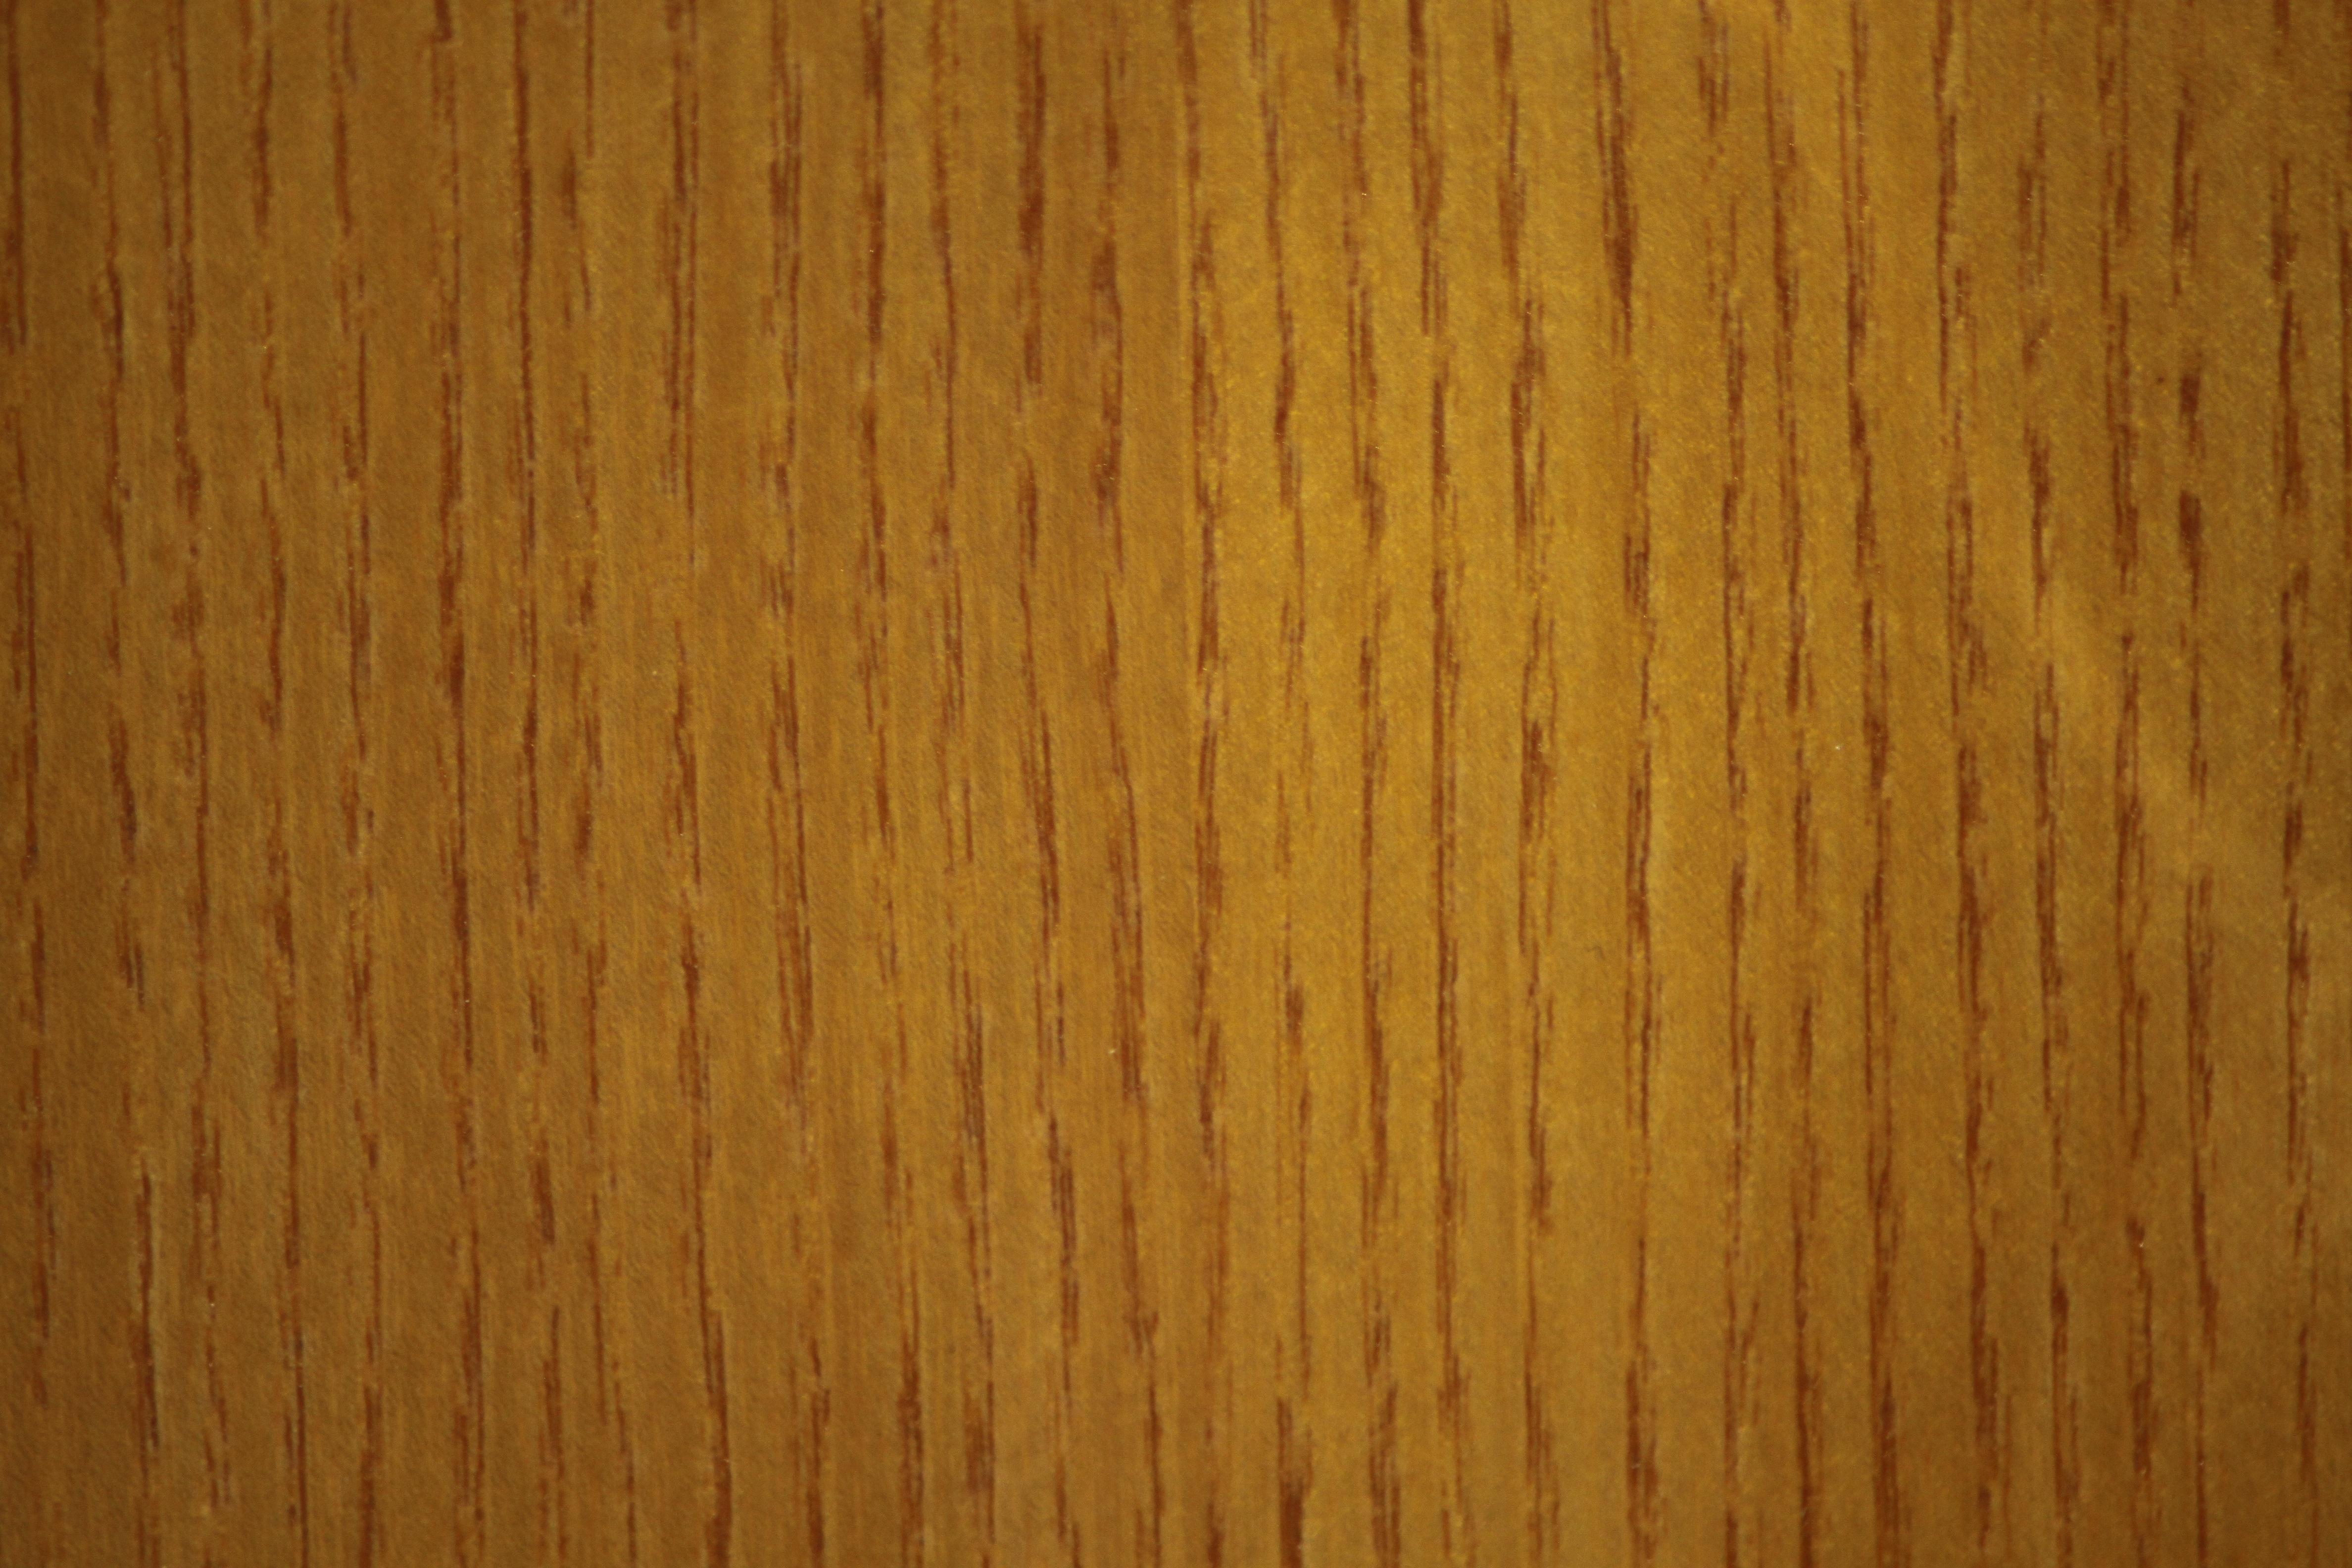 무료 이미지 : 곡물, 조직, 표면, 배경, 견목, 나무 벽, 합판, 나무 ...